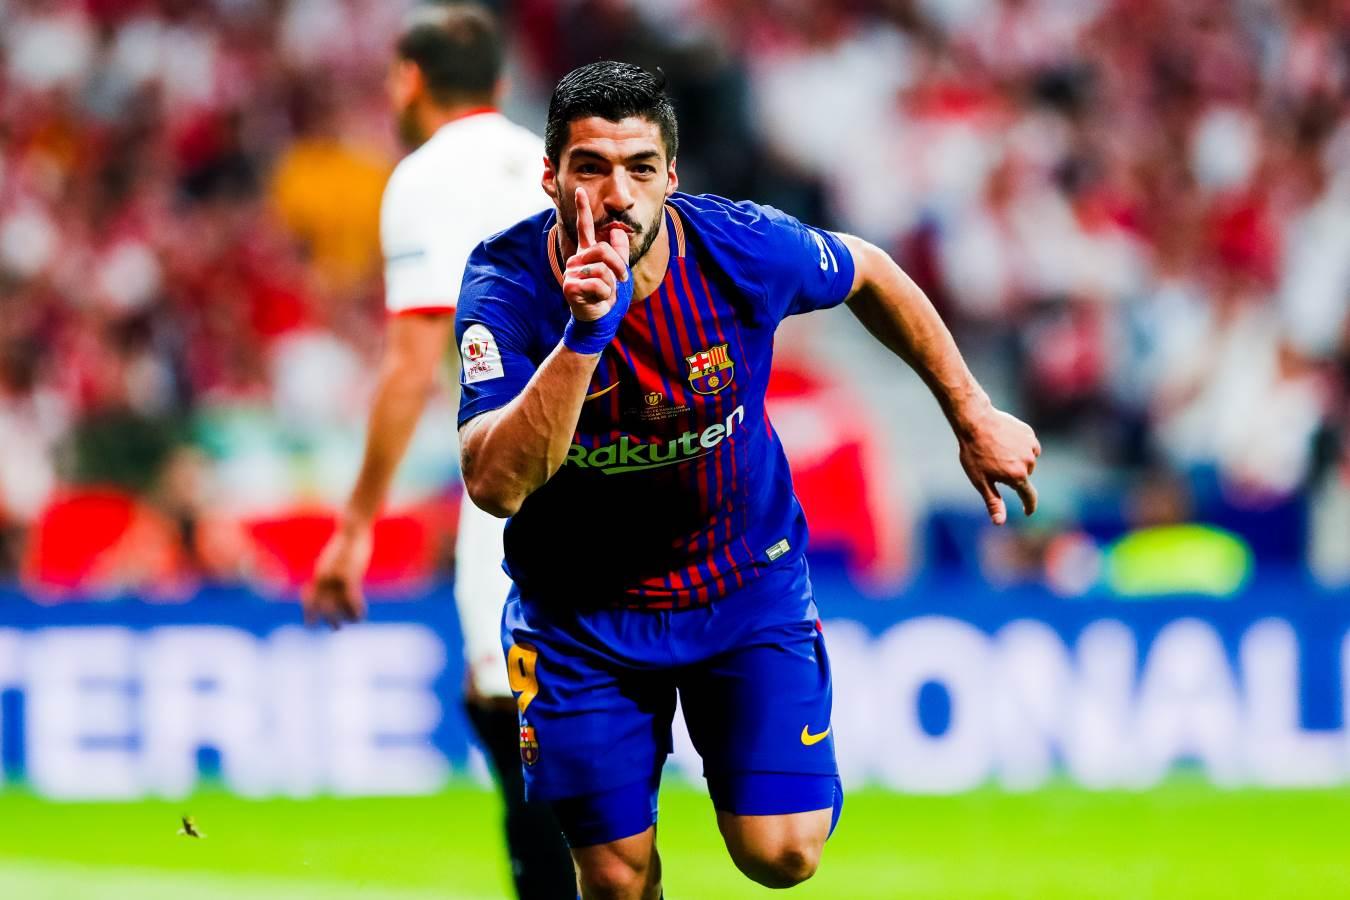 هدف برشلونة الأول في مرمى إشبيلية